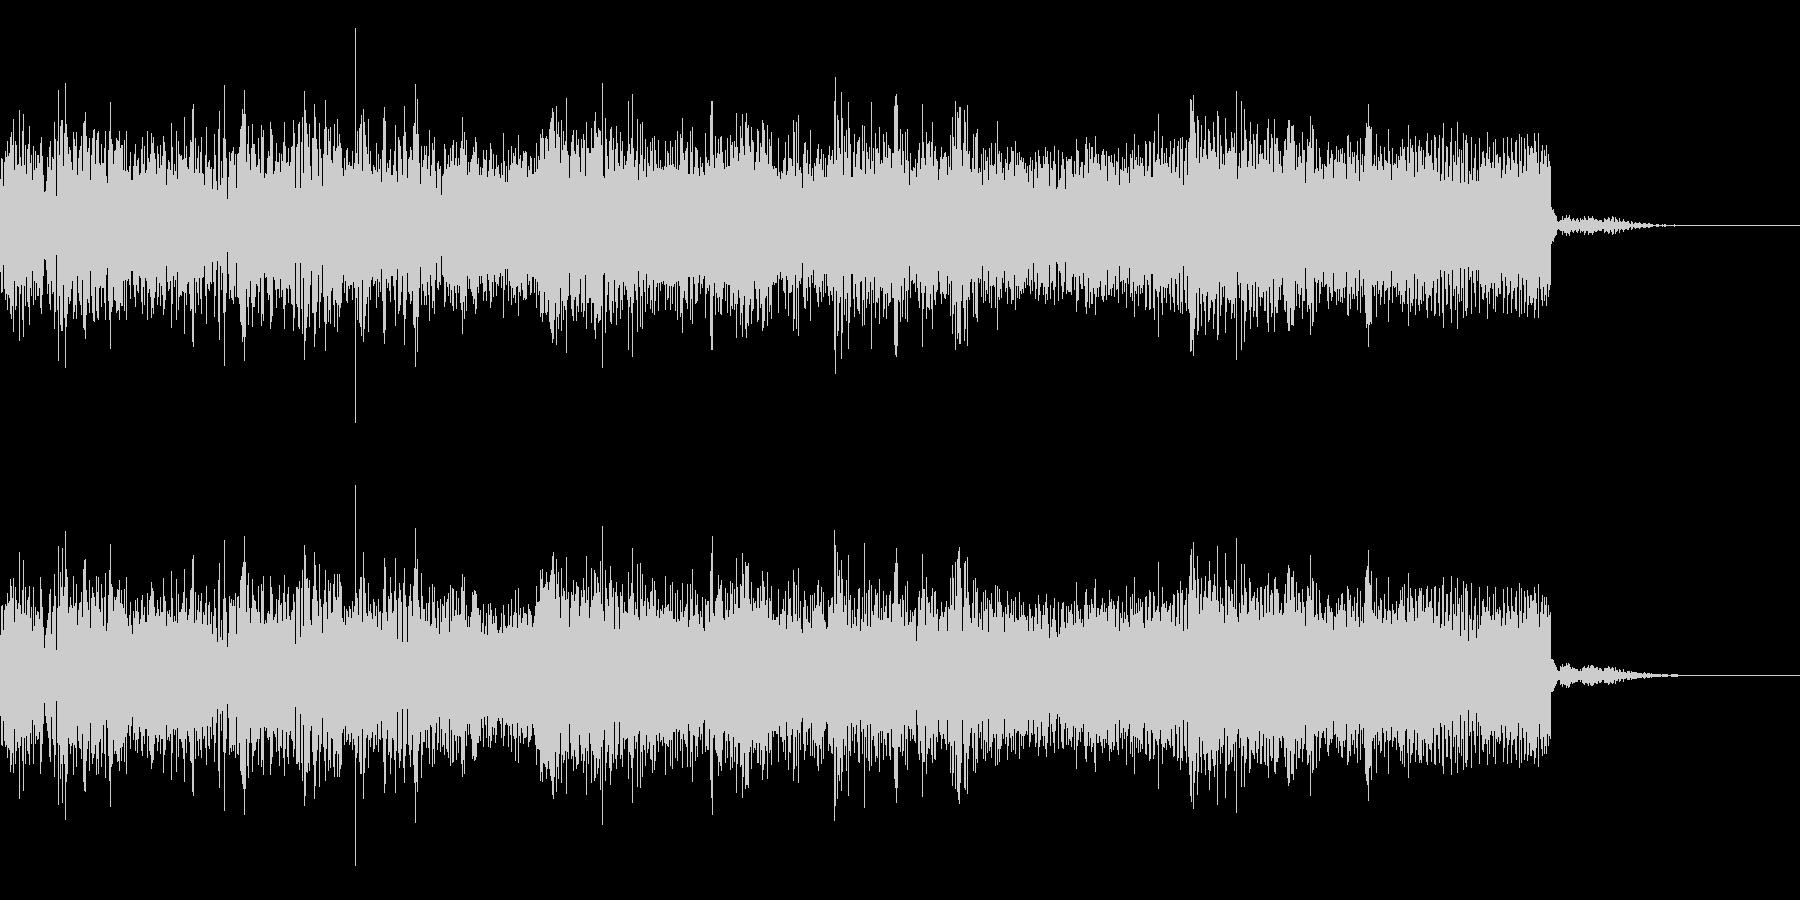 メタルなジングル 場面転換 CMインの未再生の波形